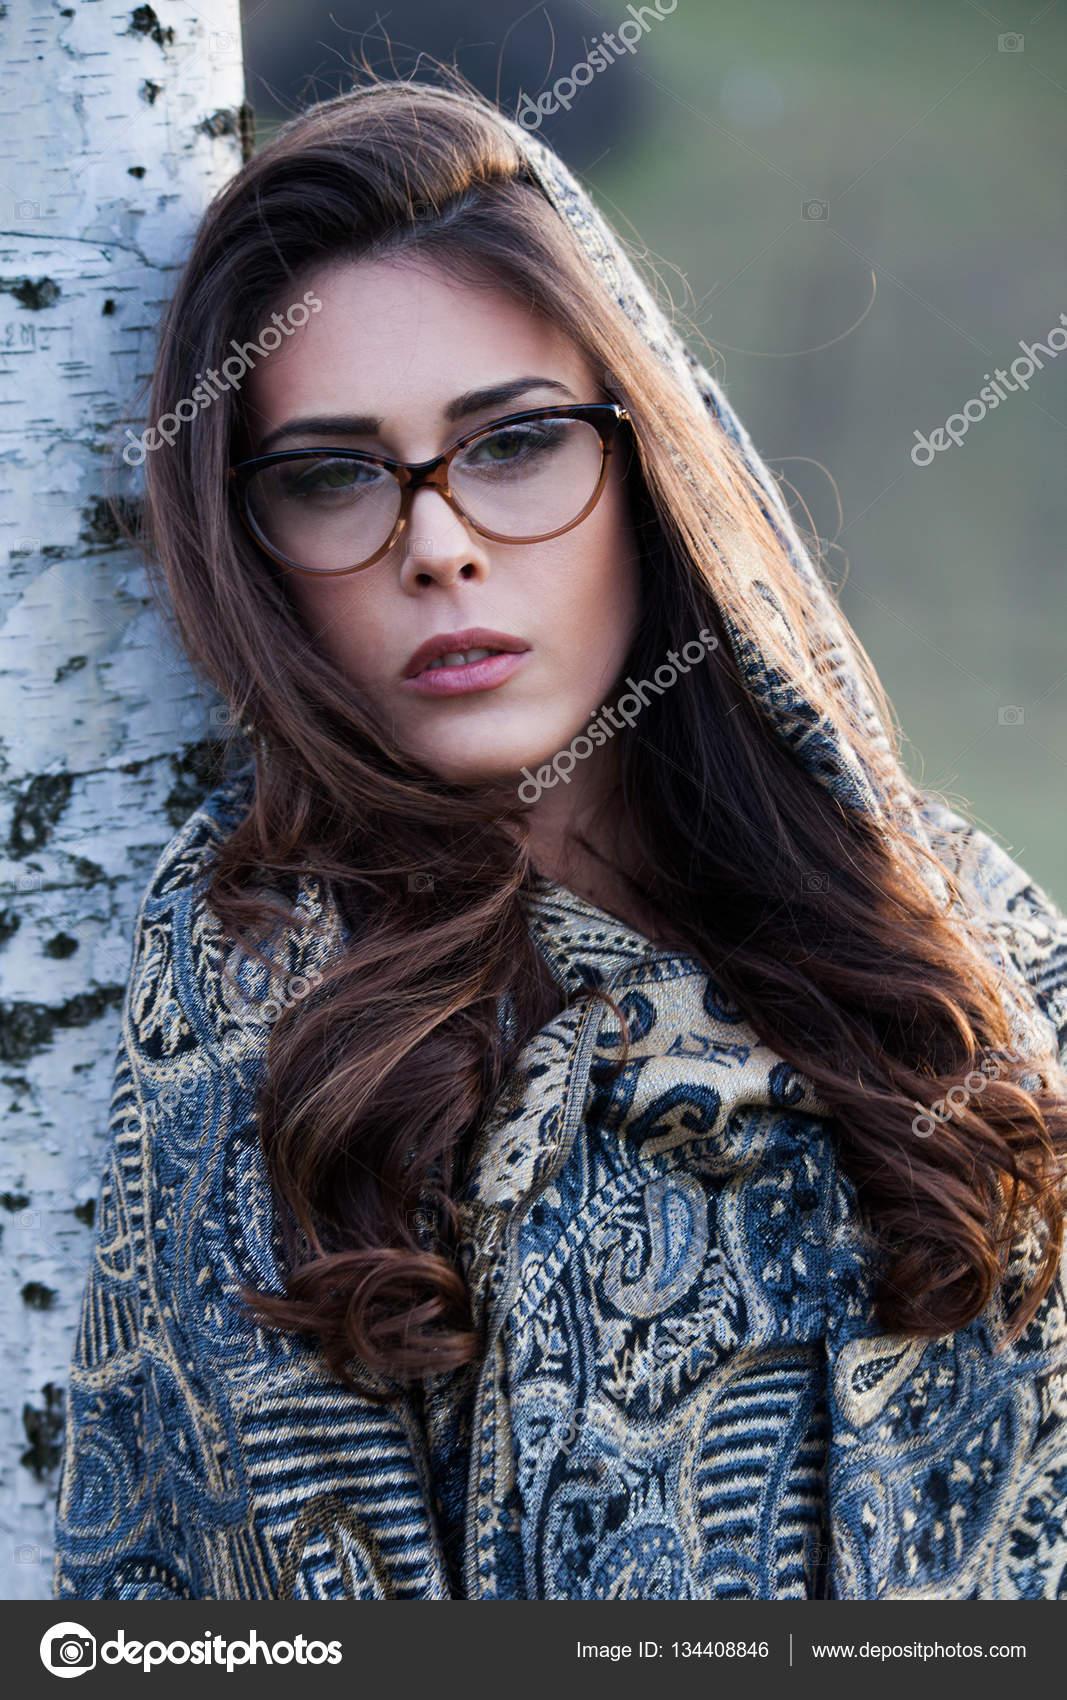 1dca668d28 Portrait de jeune belle fille avec des lunettes et écharpe closeup outdoor  — Image de cokacoka